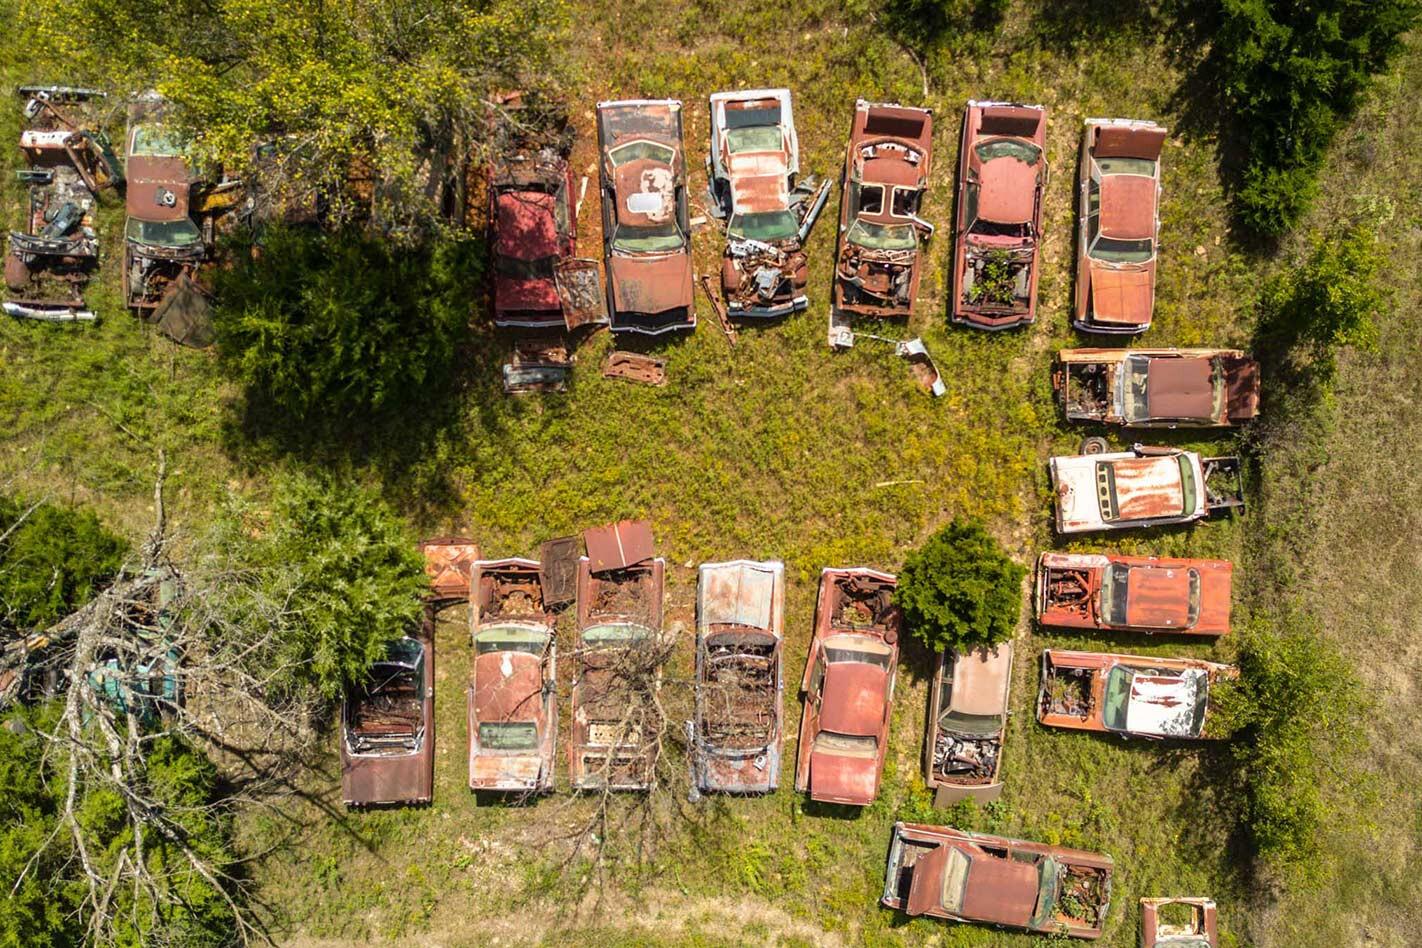 Purky's junk yard